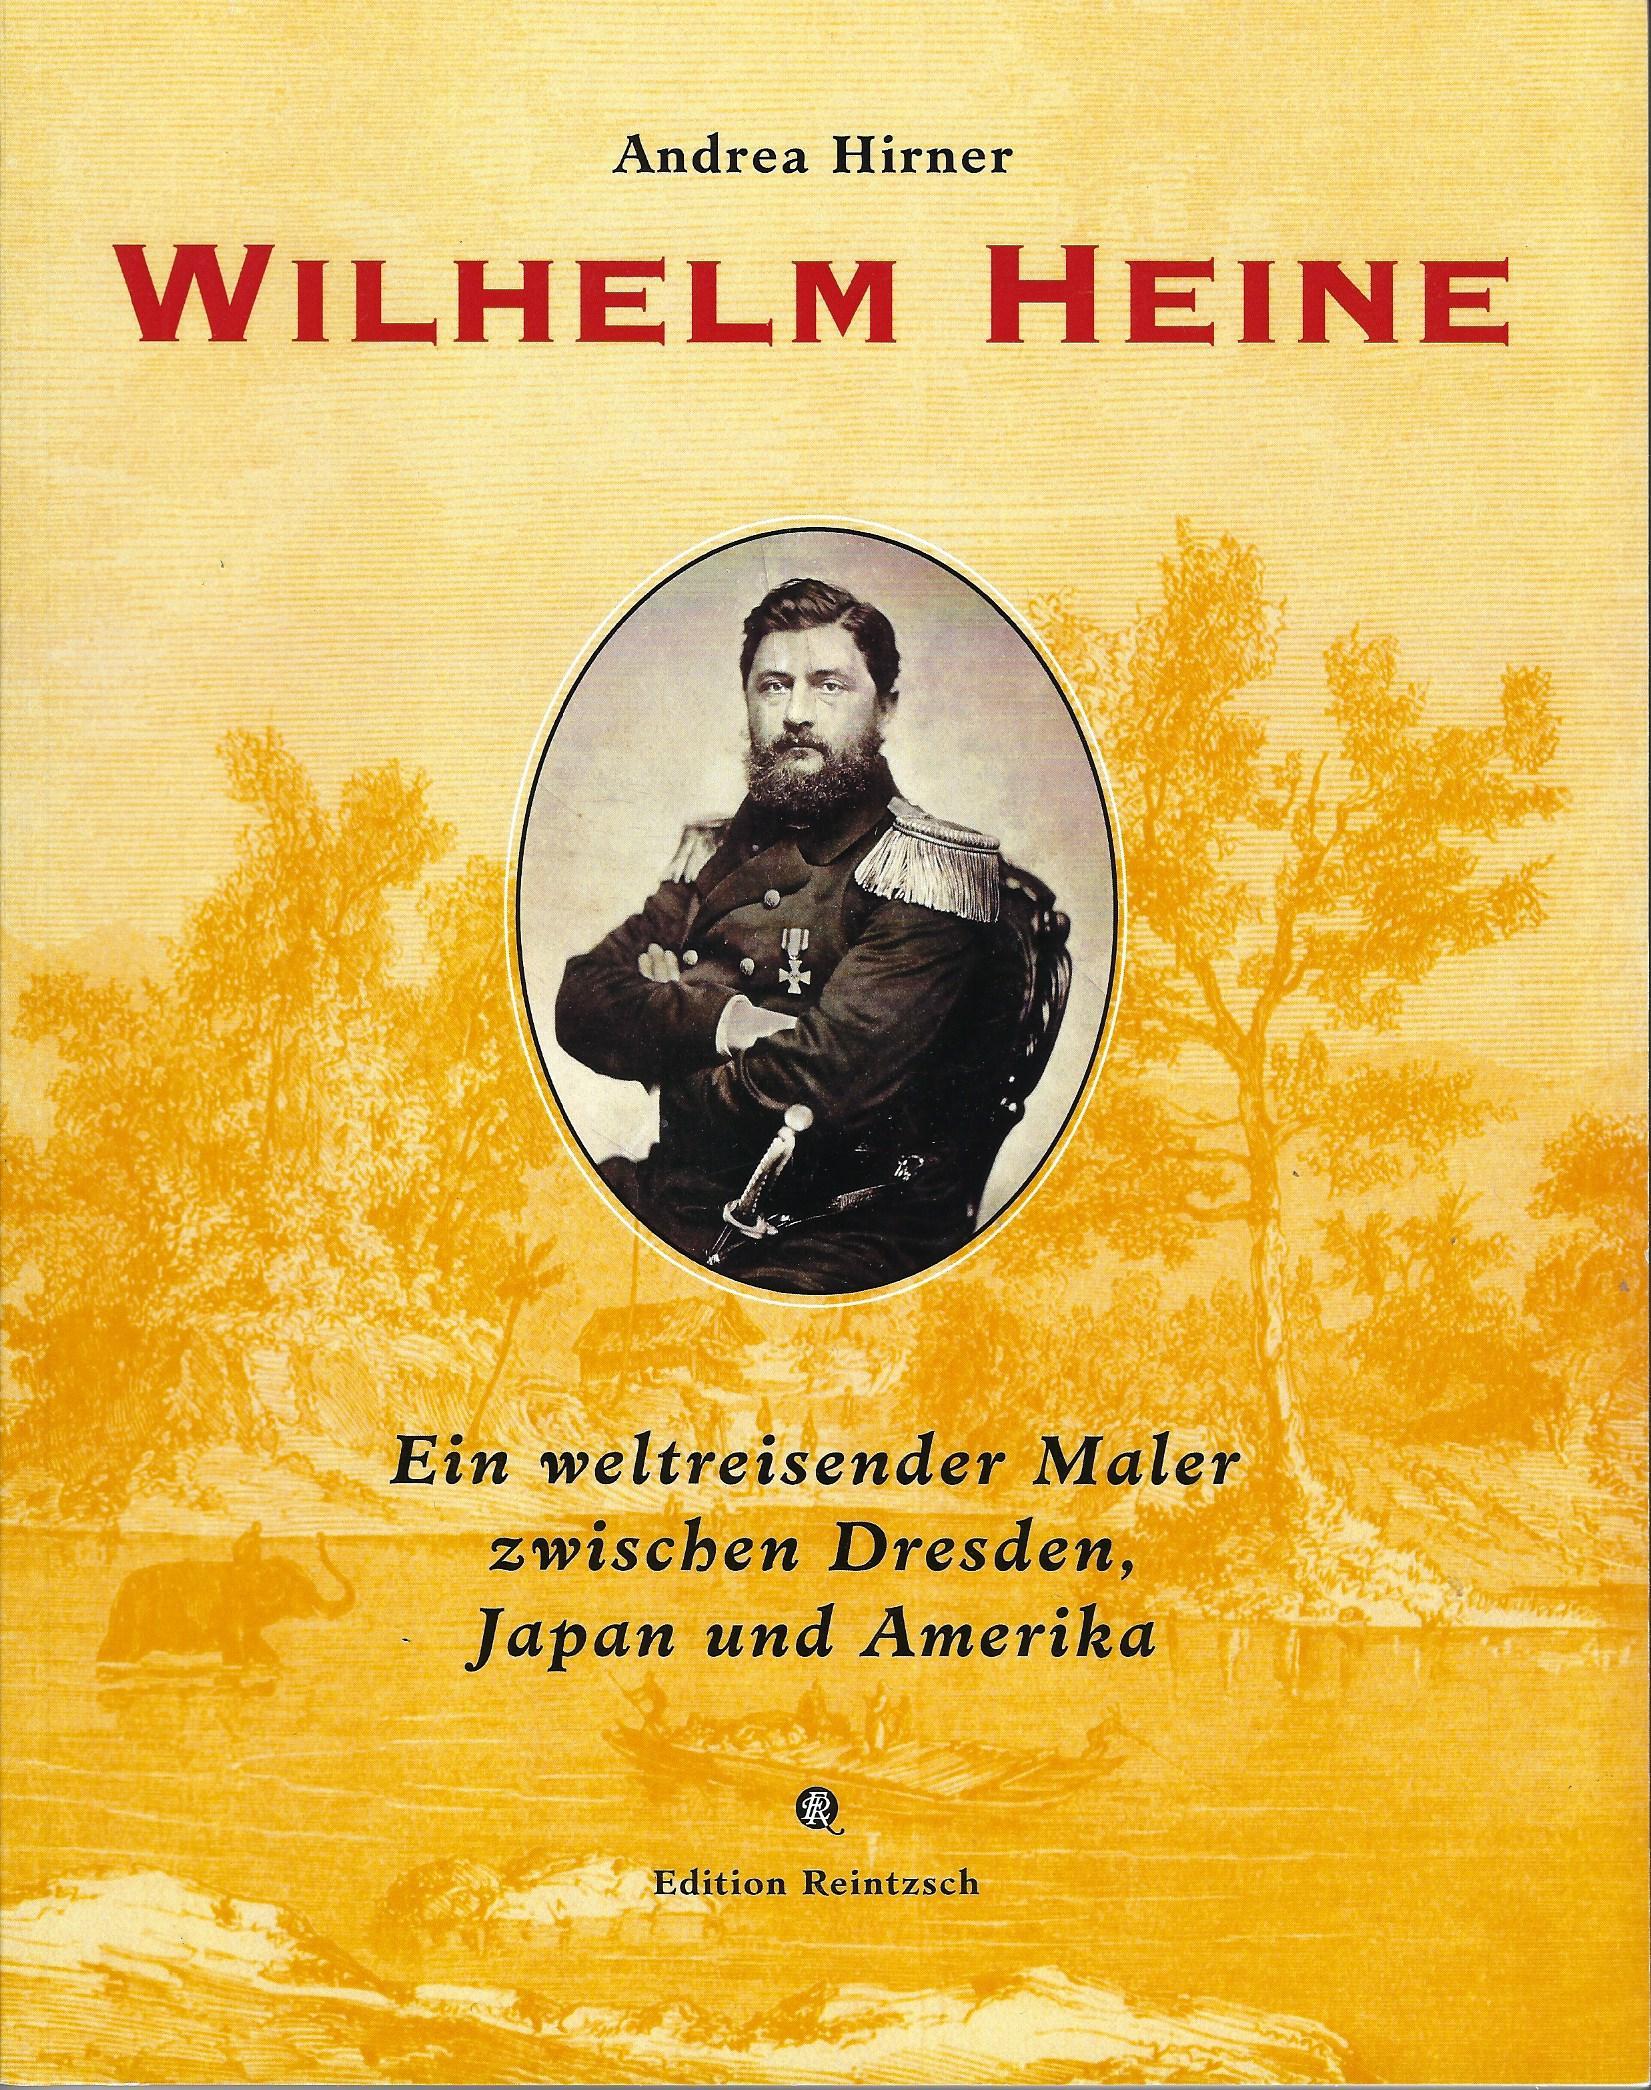 Wilhelm Heine. Ein weltreisender Maler zwischen Dresden, Japan und Amerika.